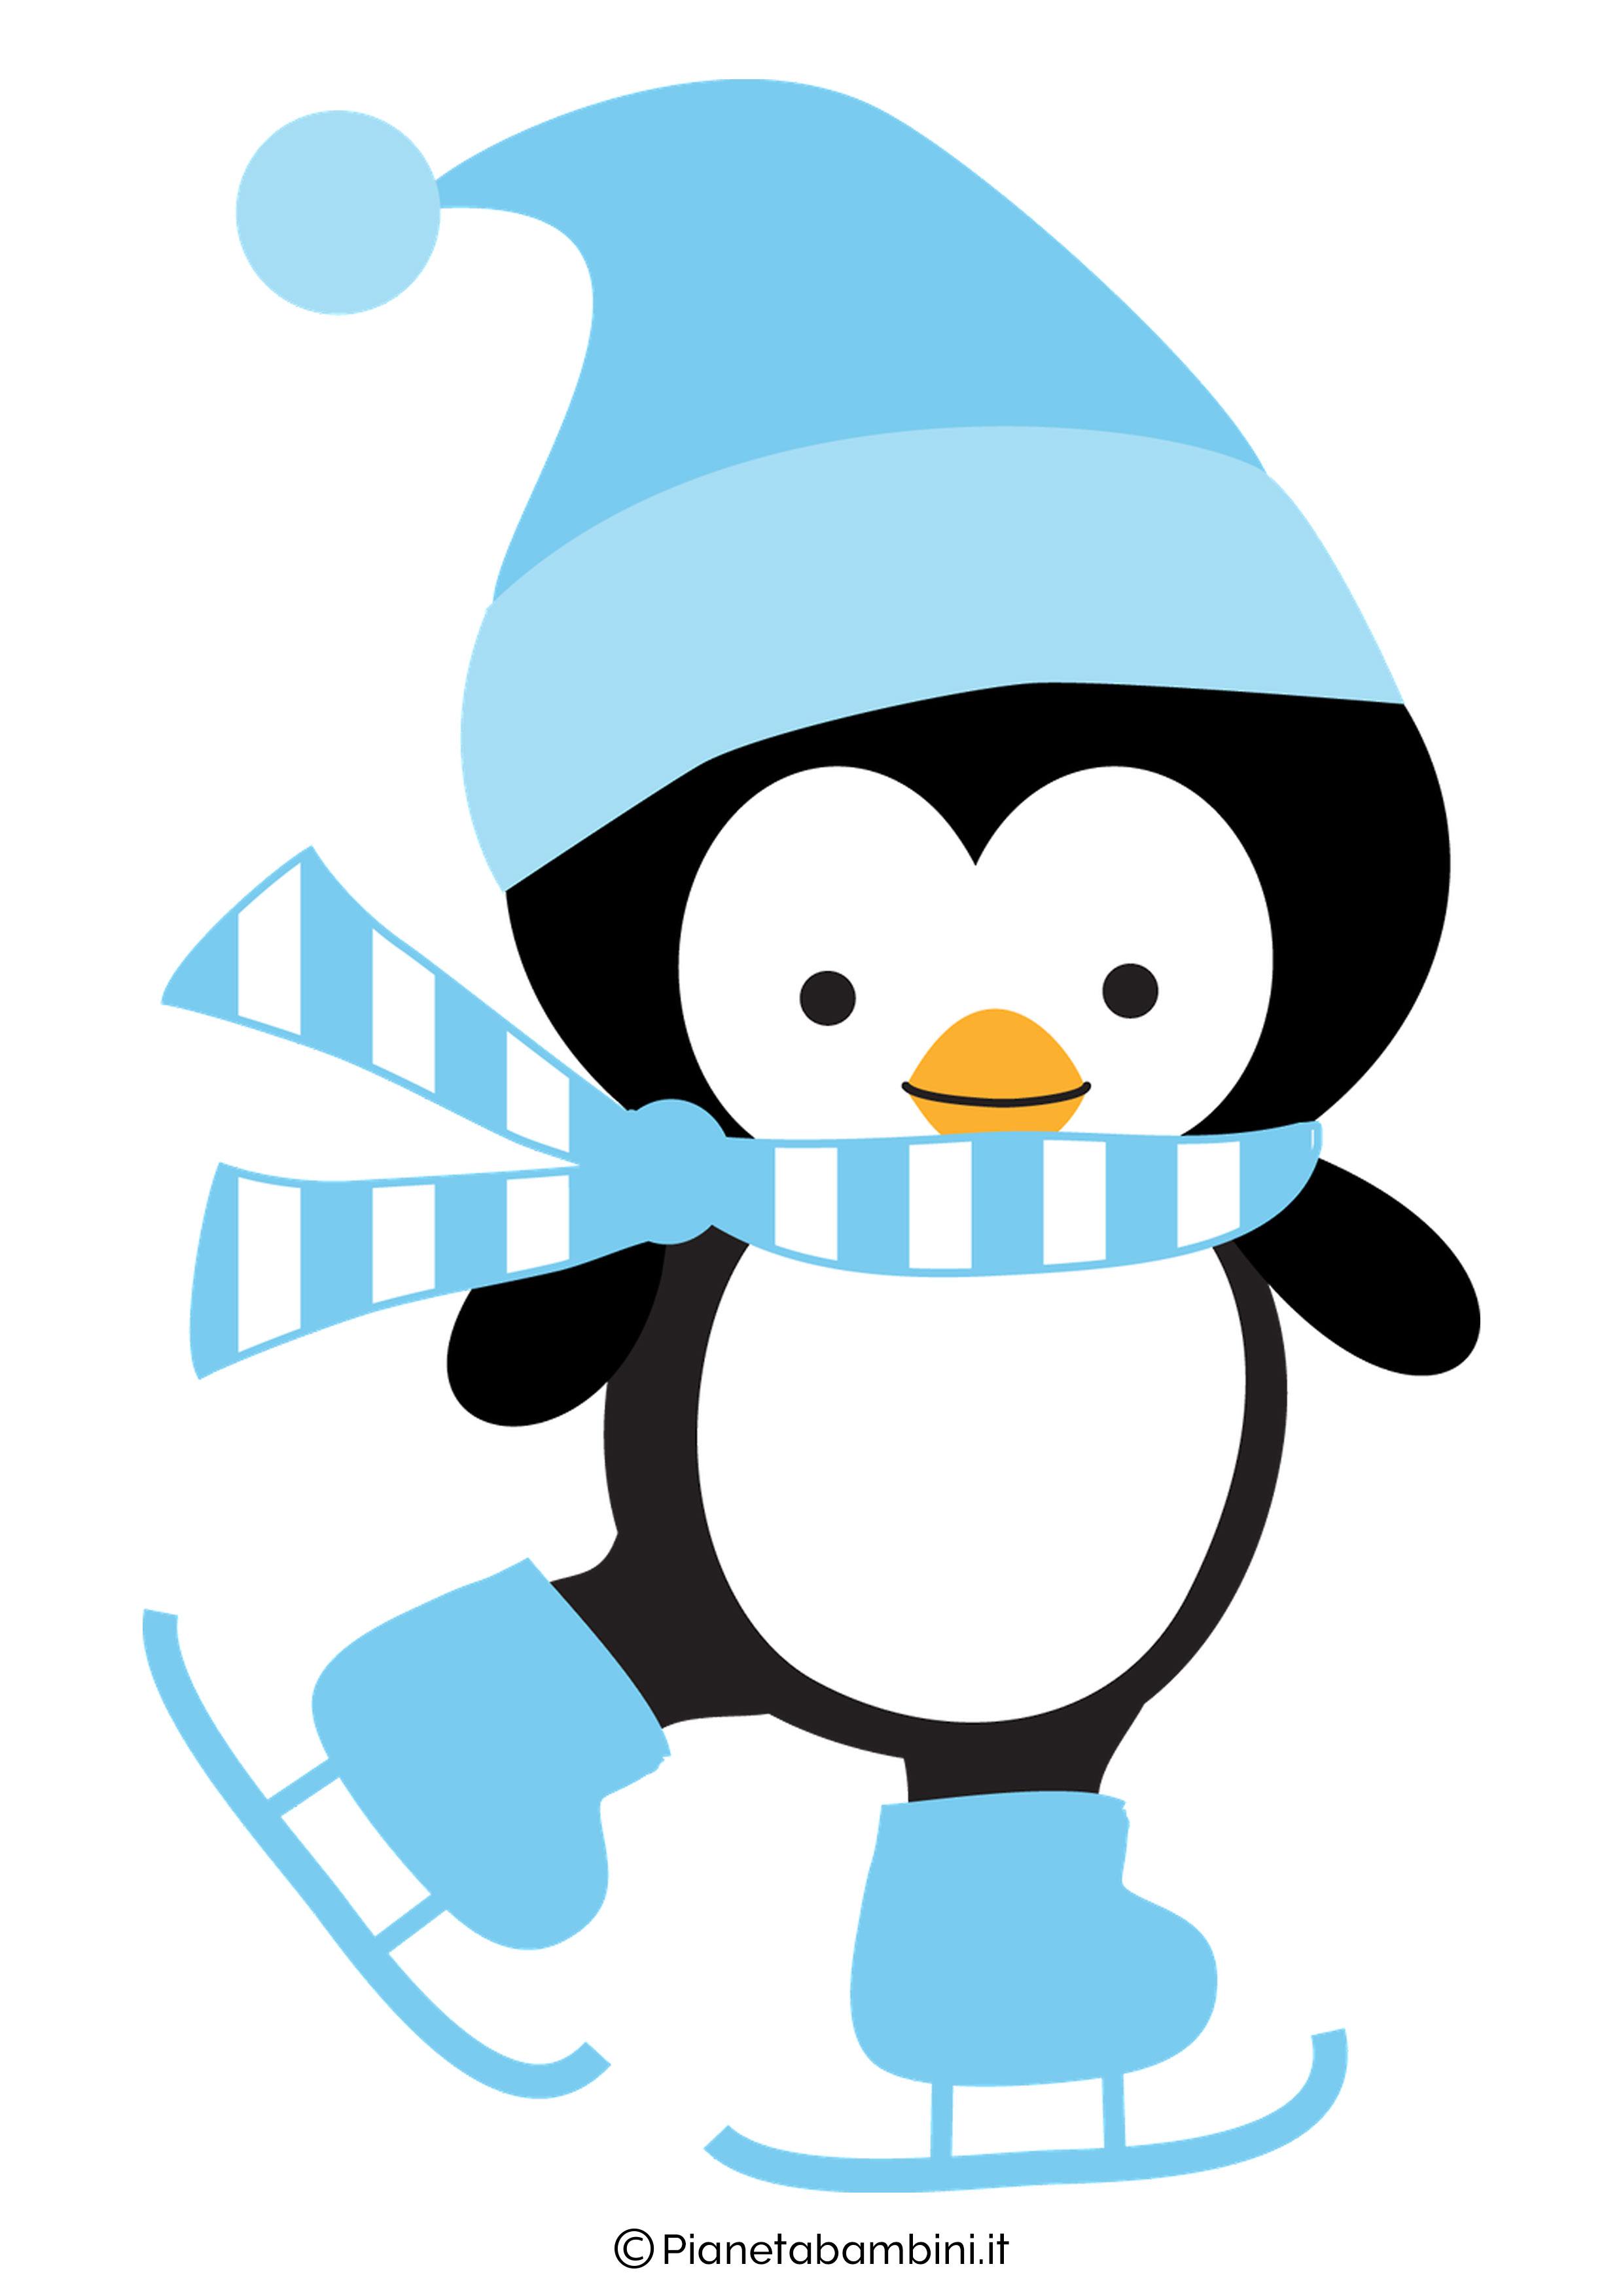 Amazing addobbi inverno scuola infanzia zu32 pineglen for Addobbi finestre natale scuola infanzia